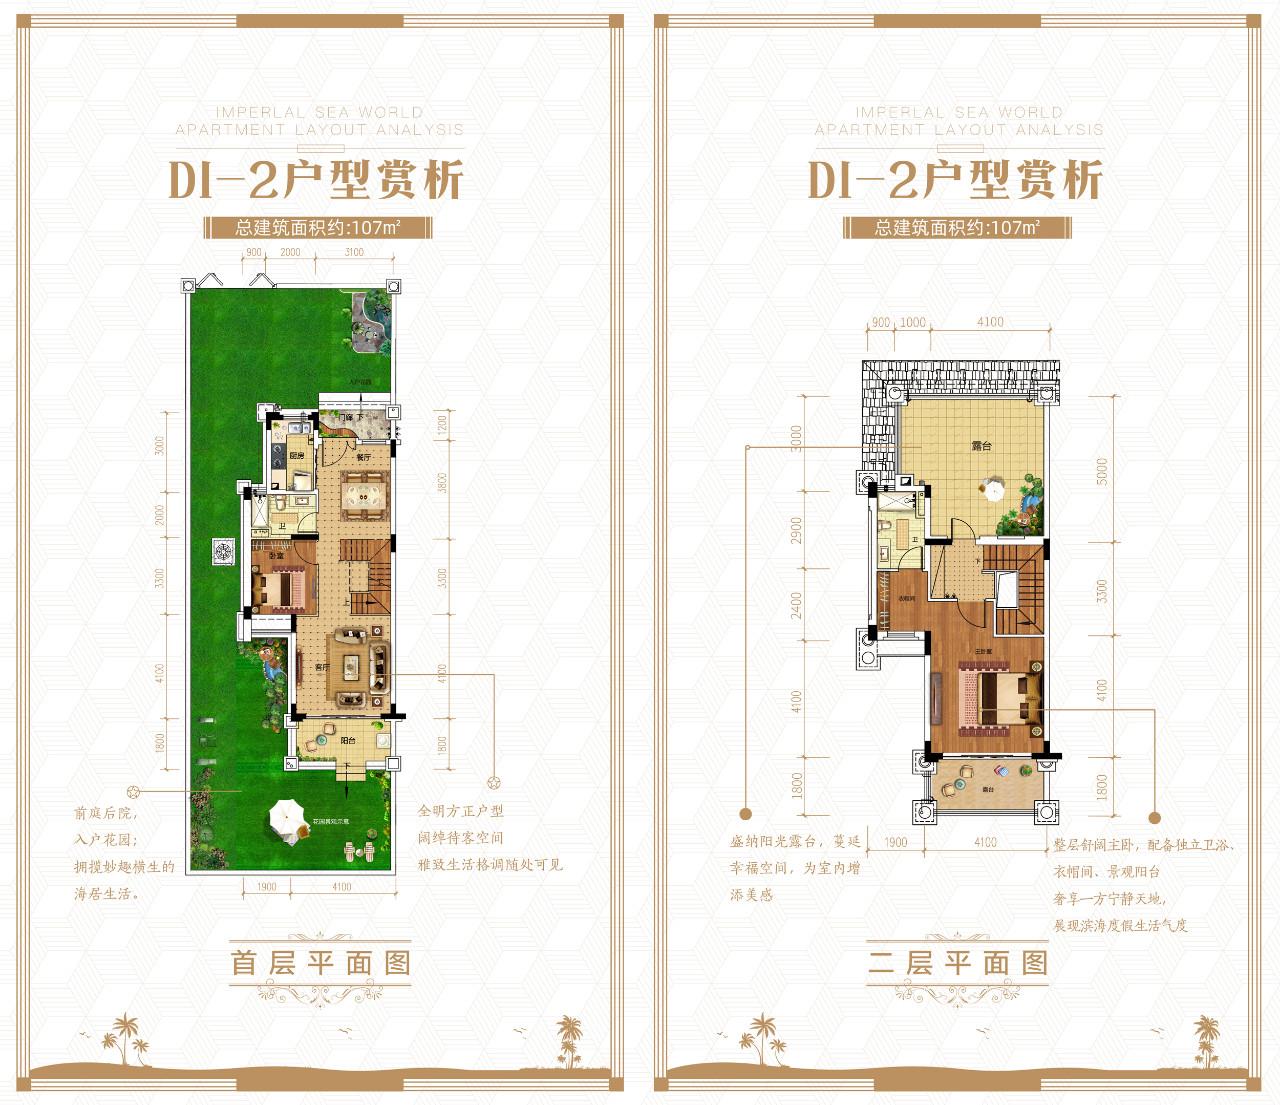 恒大御海天下2室2厅2卫1厨+入户花院 (建筑面积:107.00㎡)